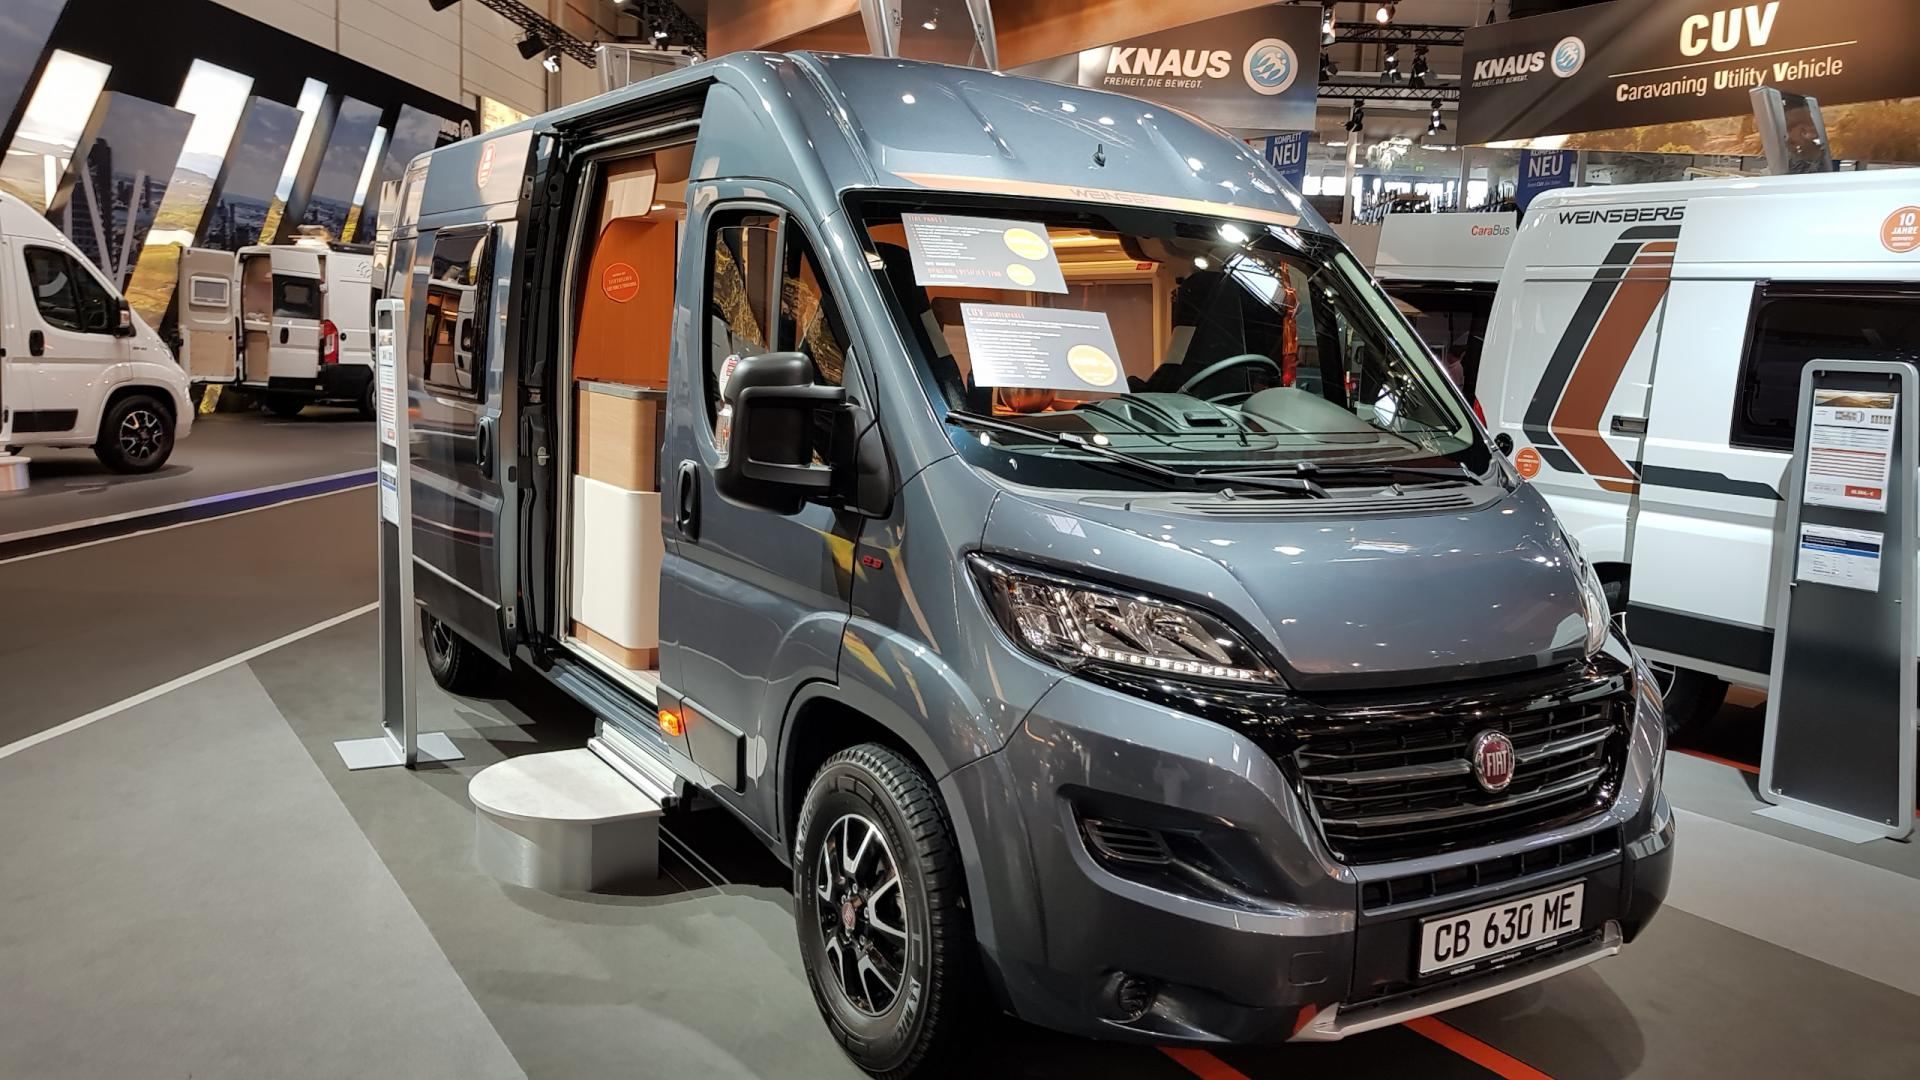 Busamper 2/3 persoons - Hymer Carado Vlow 640 - Type 4